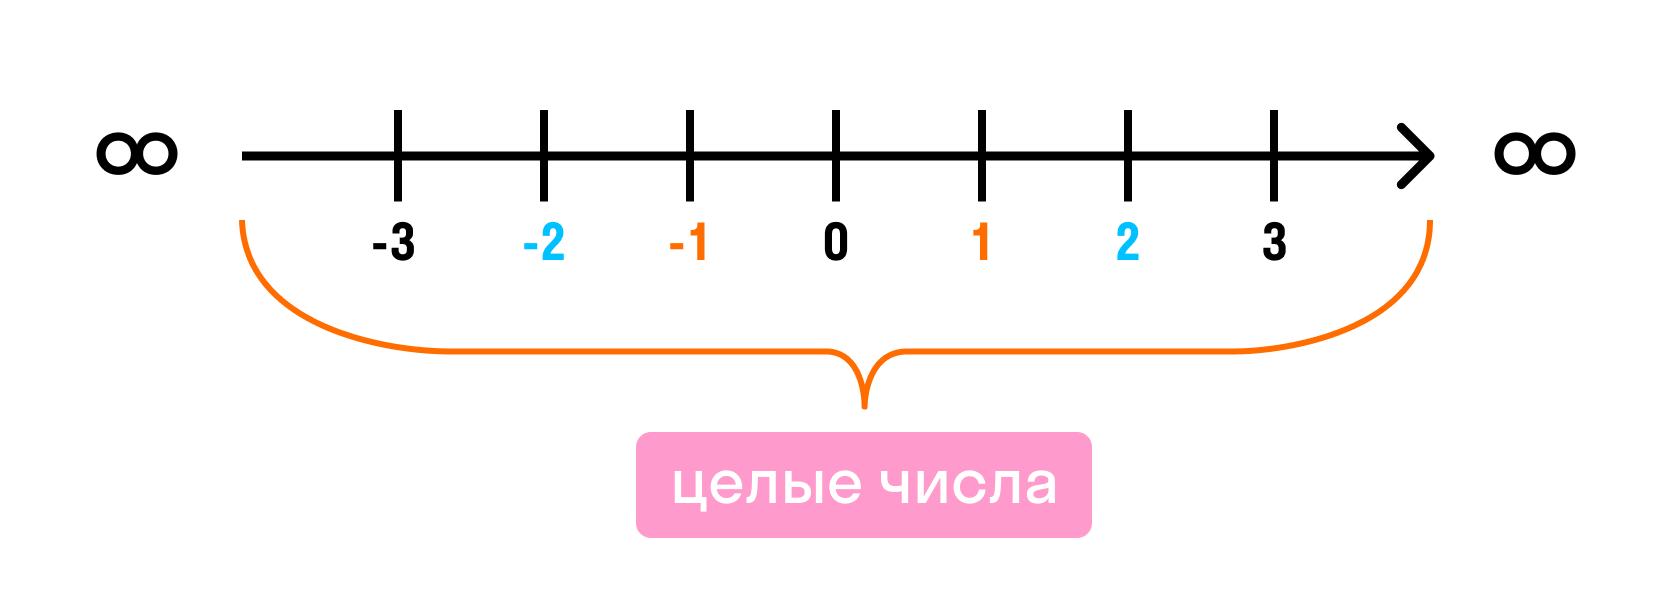 Целые числа на числовой оси